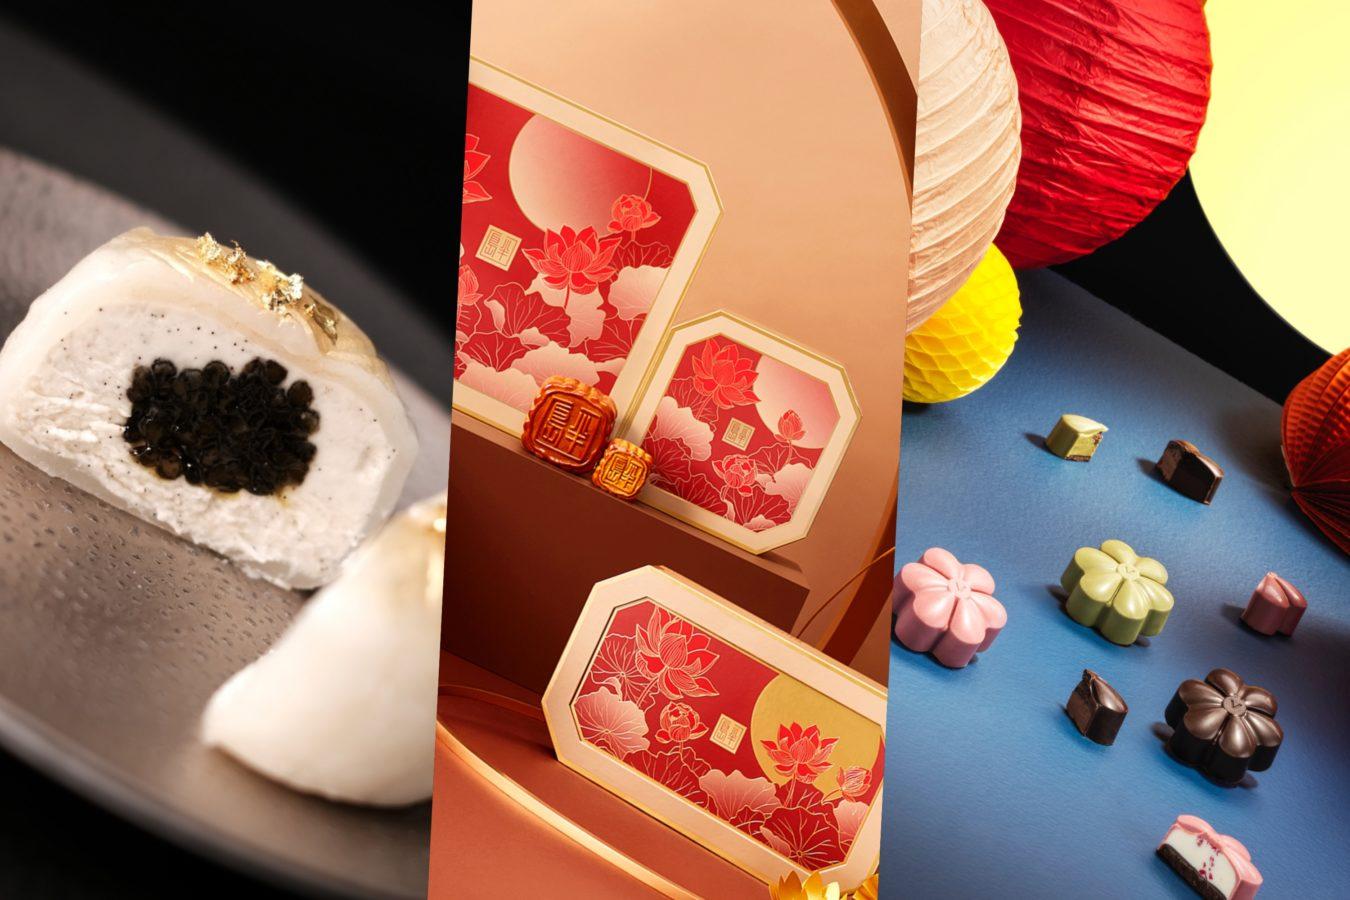 【編輯推薦】2021中秋高端送禮|半島精品、Royal Caviar Club 皇籽匯、侯布雄法式茶點沙龍、TASTE by MMHG、Venchi